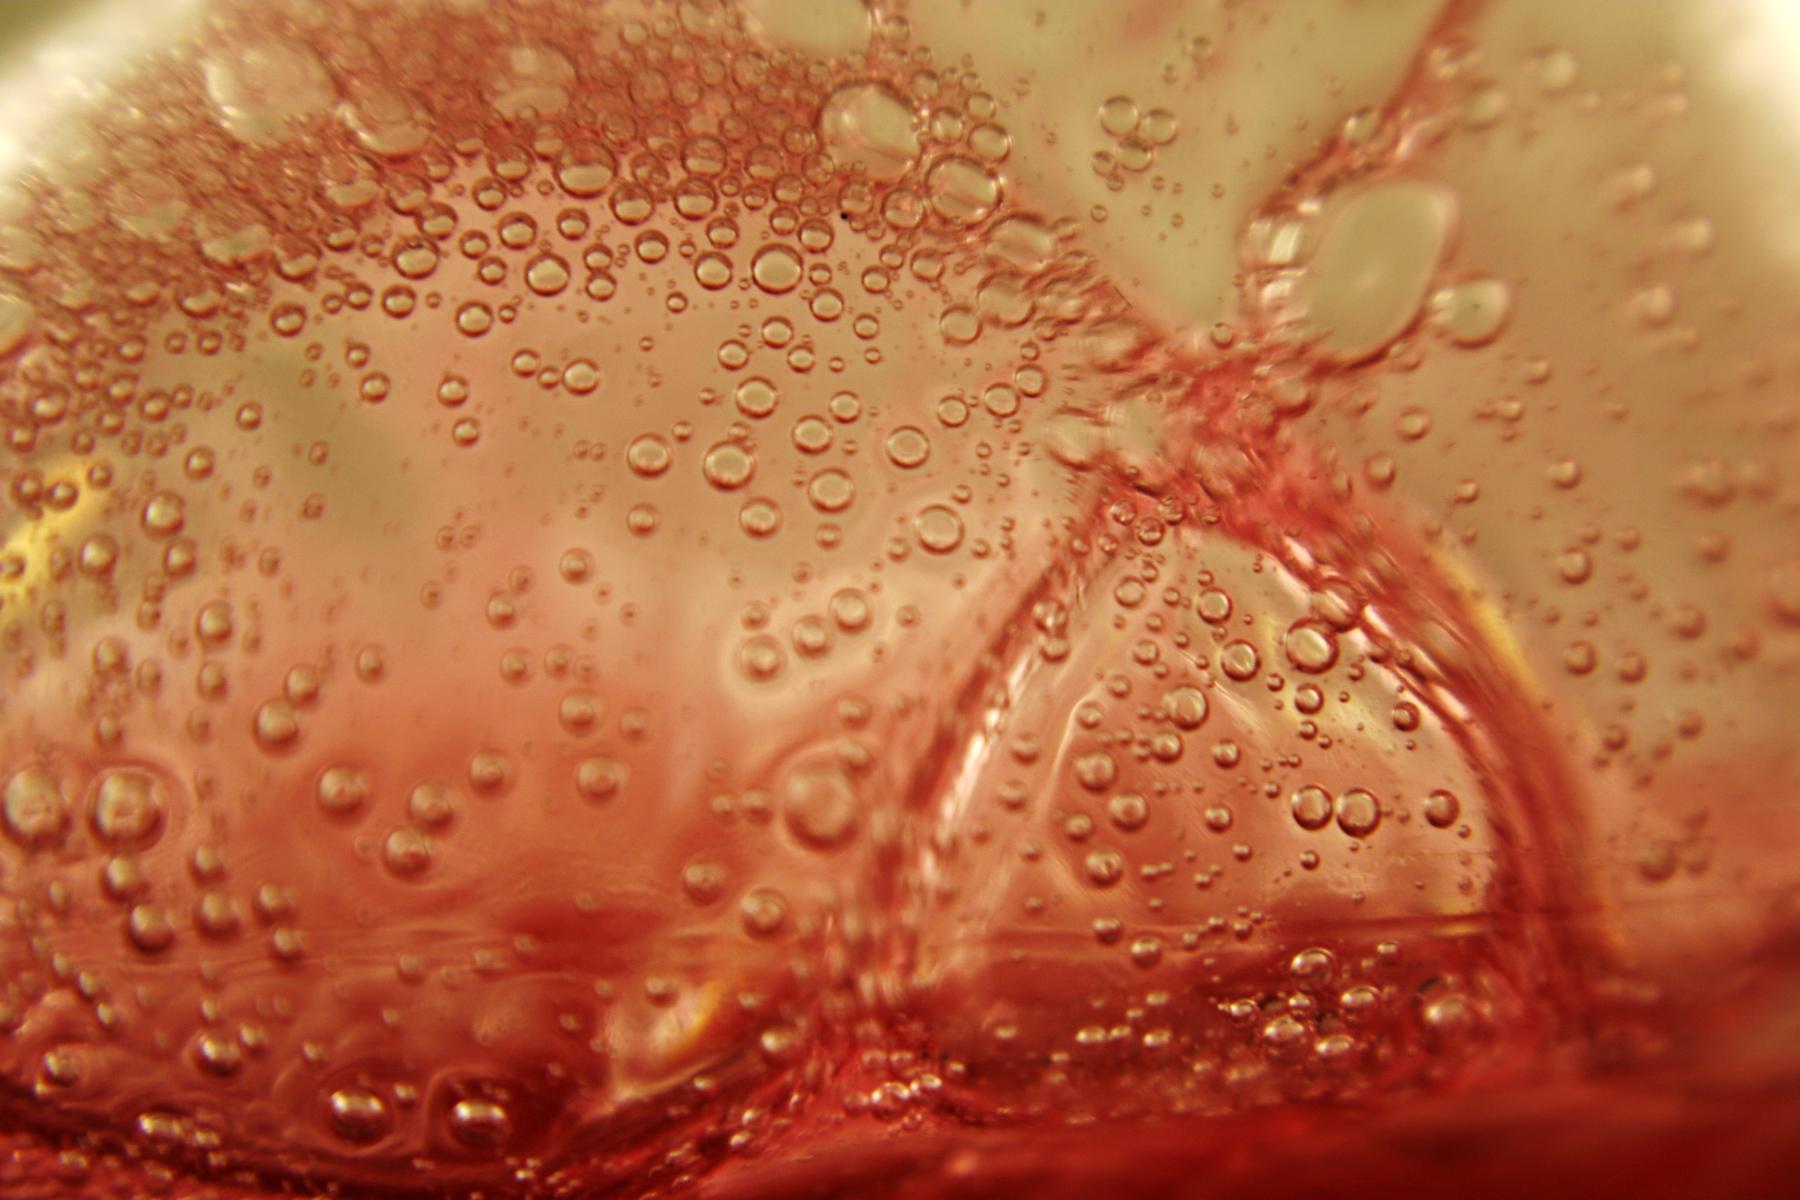 Liquids and bubbles, Abstract, Air, Bubbles, Liquid, HQ Photo